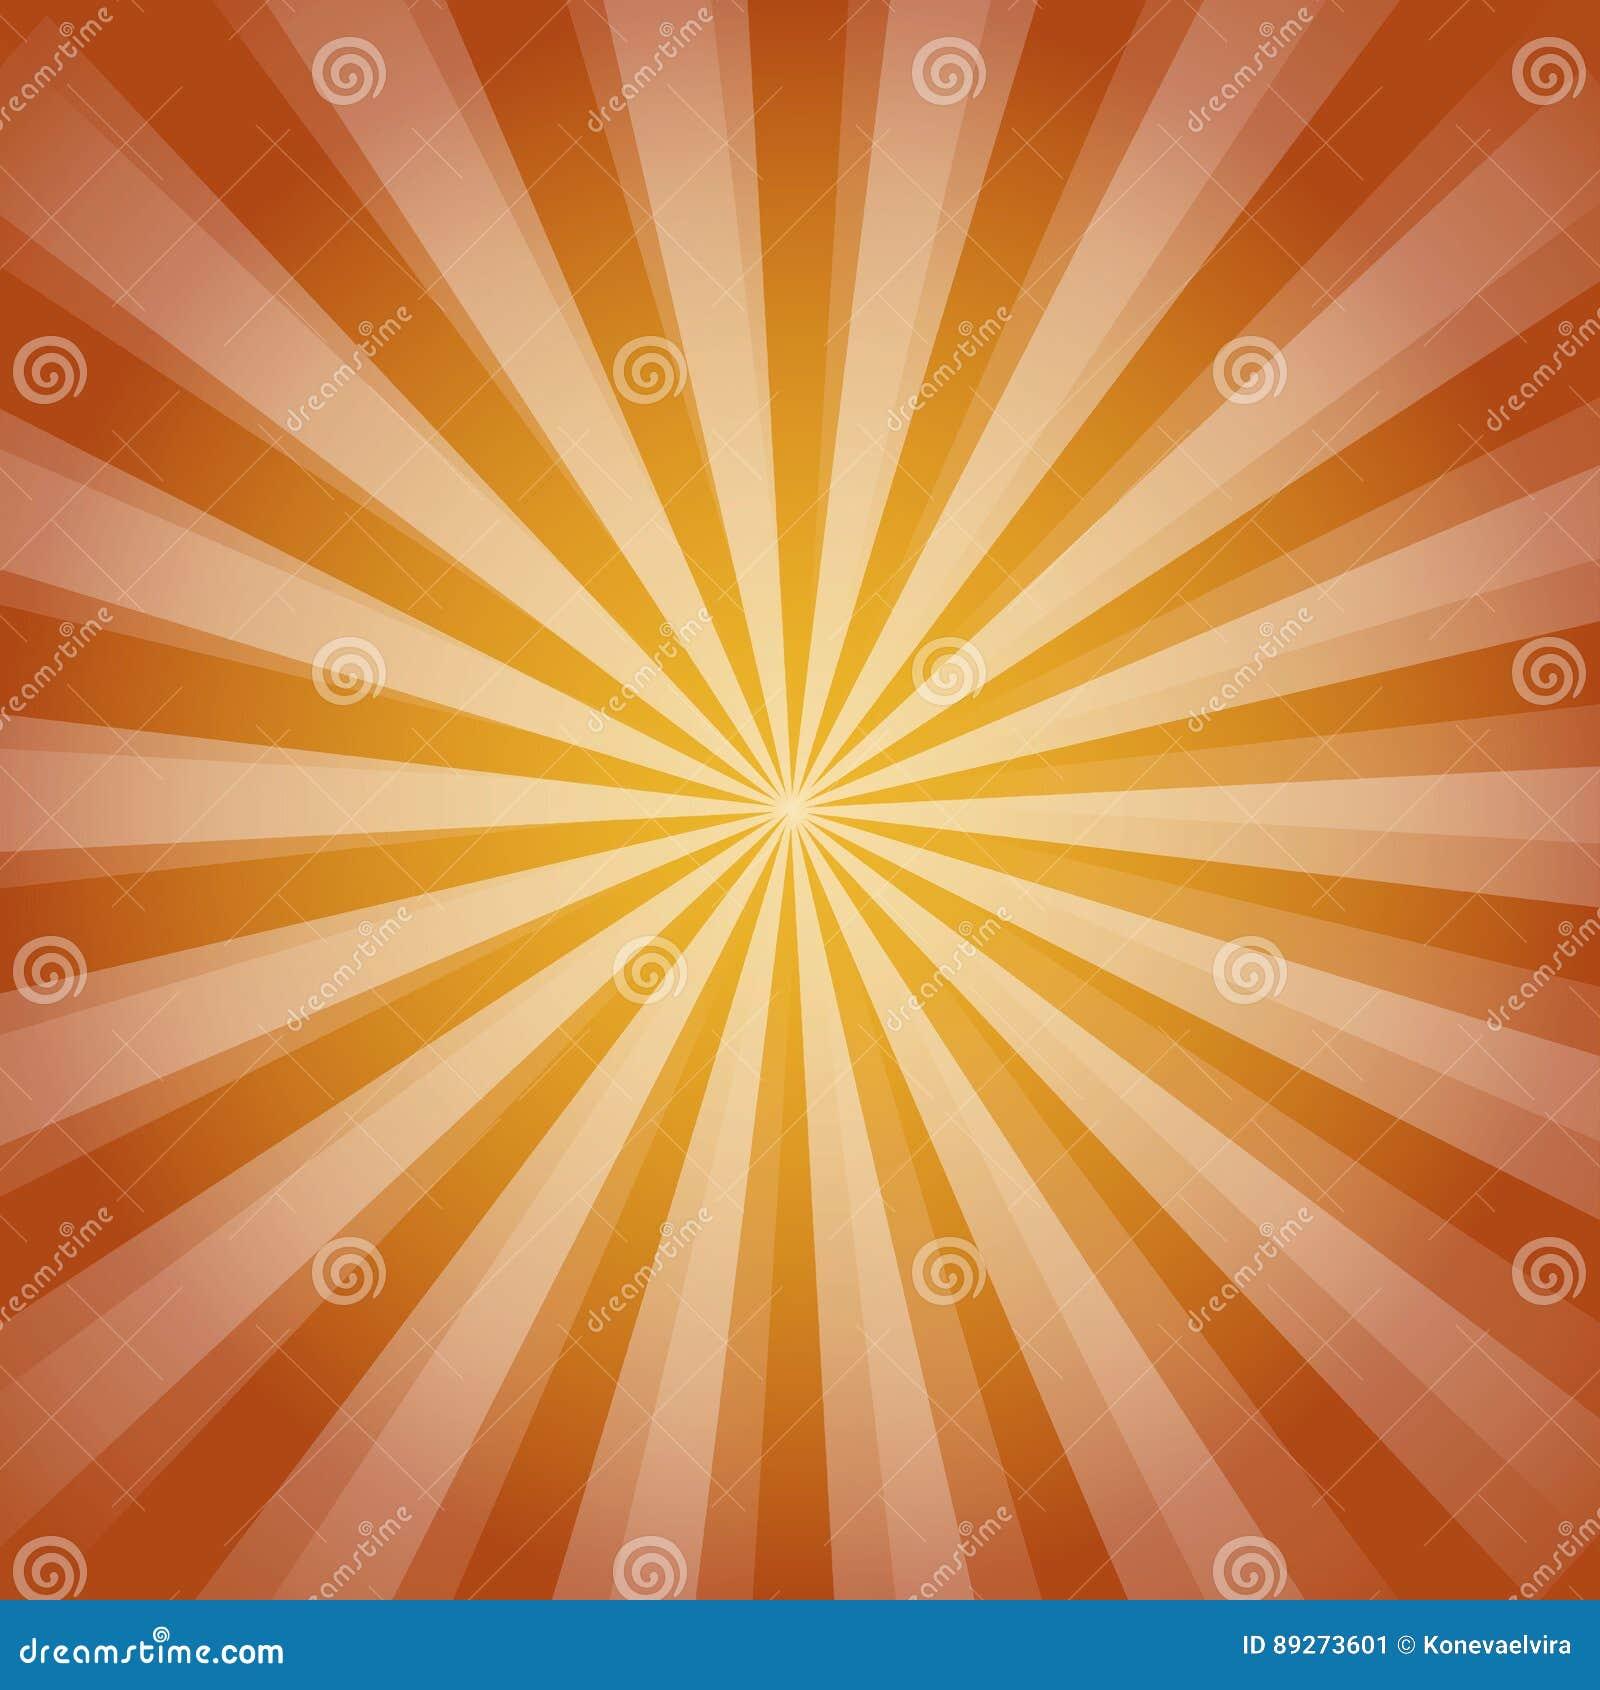 95087112d96 Shiny Sun Ray Background. Sun Sunburst Pattern. Orange Rays Summer ...